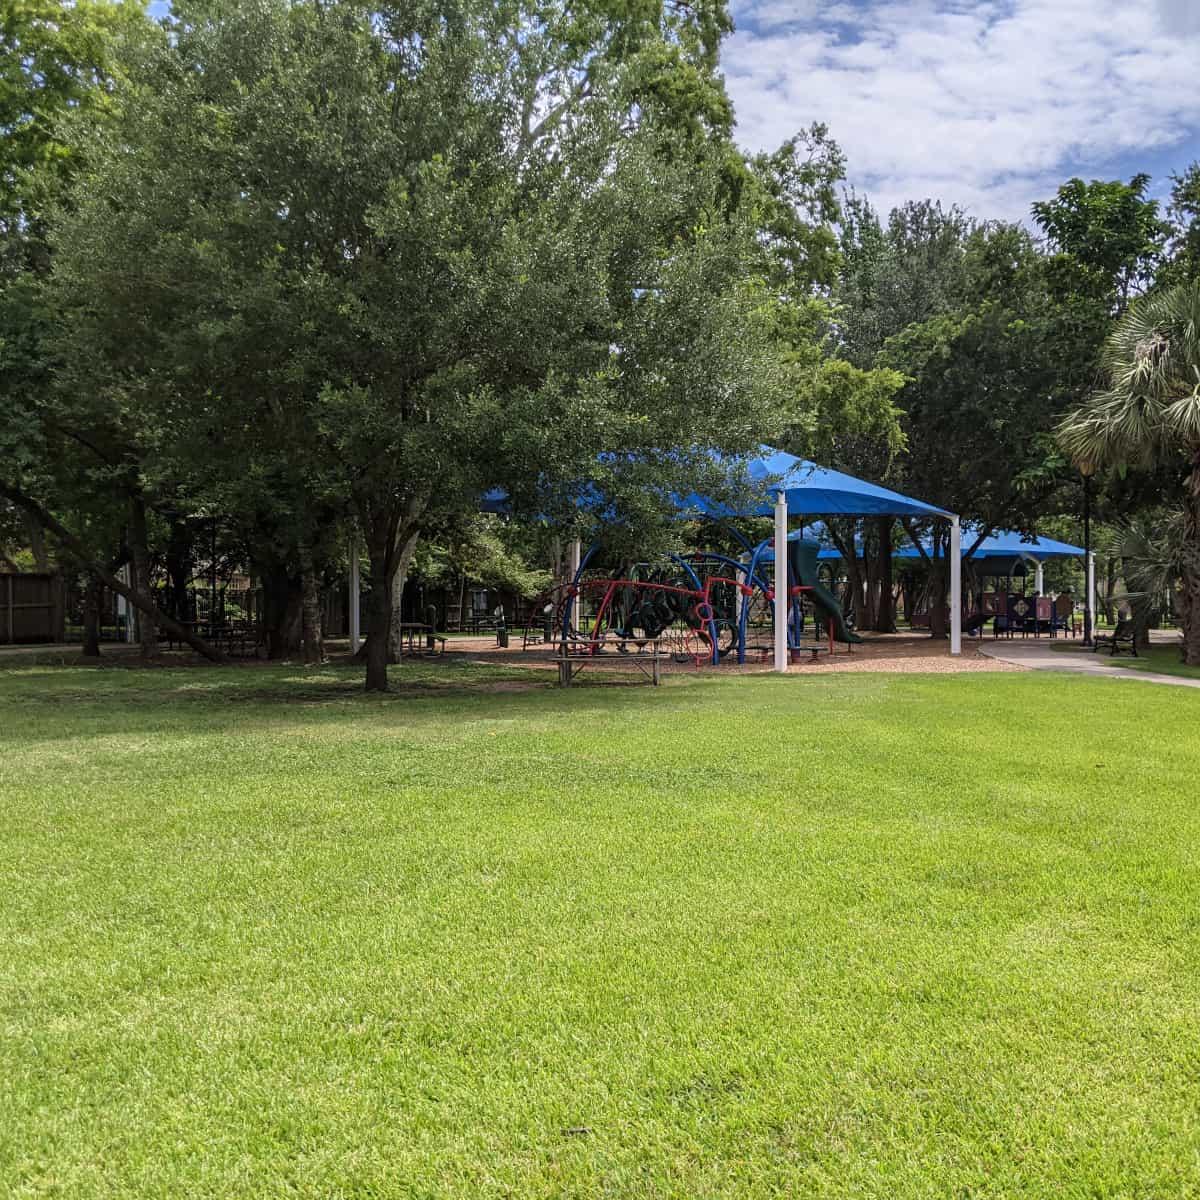 Shaded Playgrounds at Loftin Park